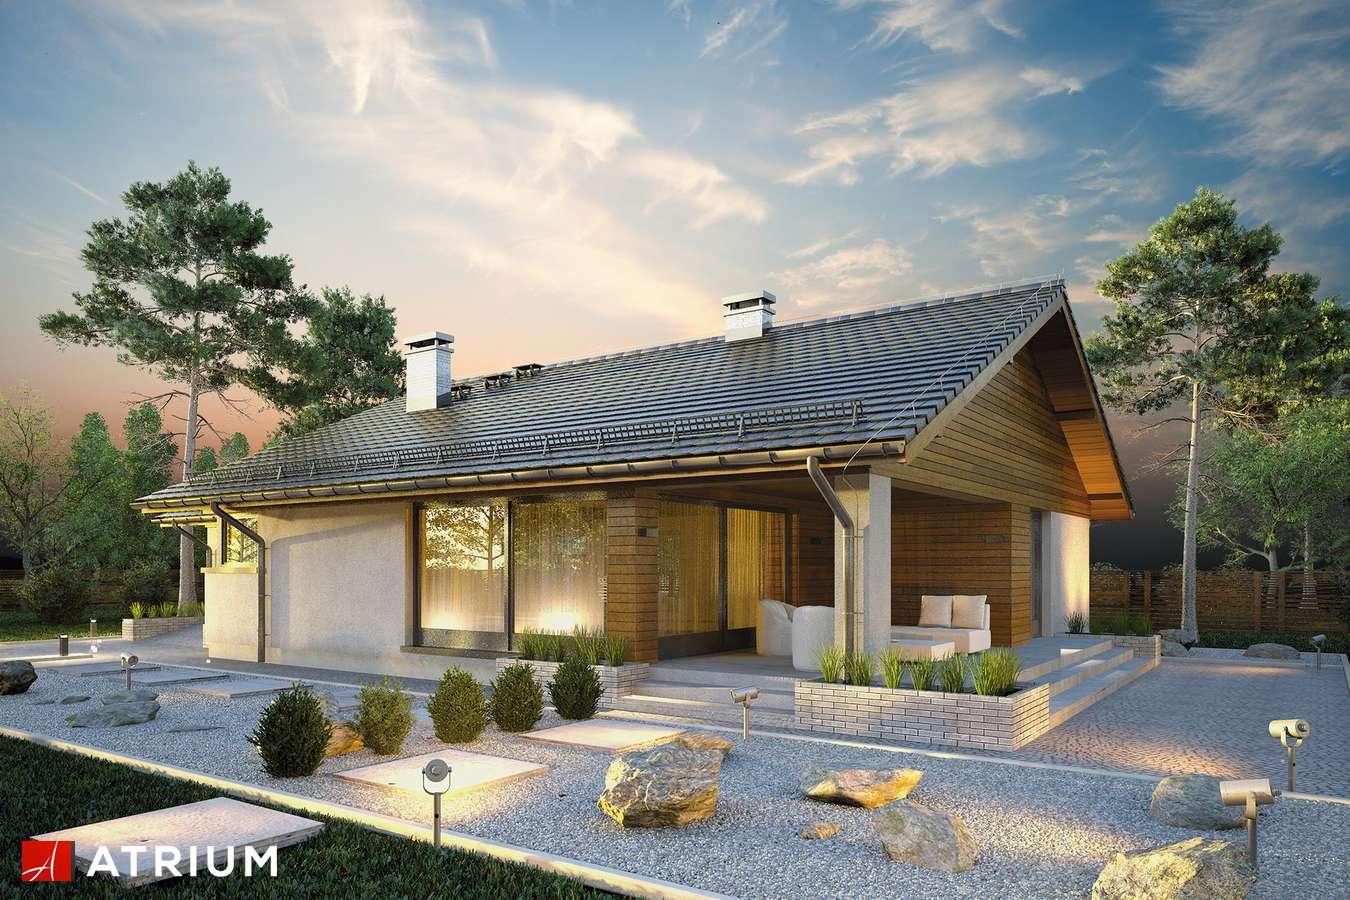 Projekty domów - Projekt domu parterowego KOS - wizualizacja 1 - wersja lustrzana